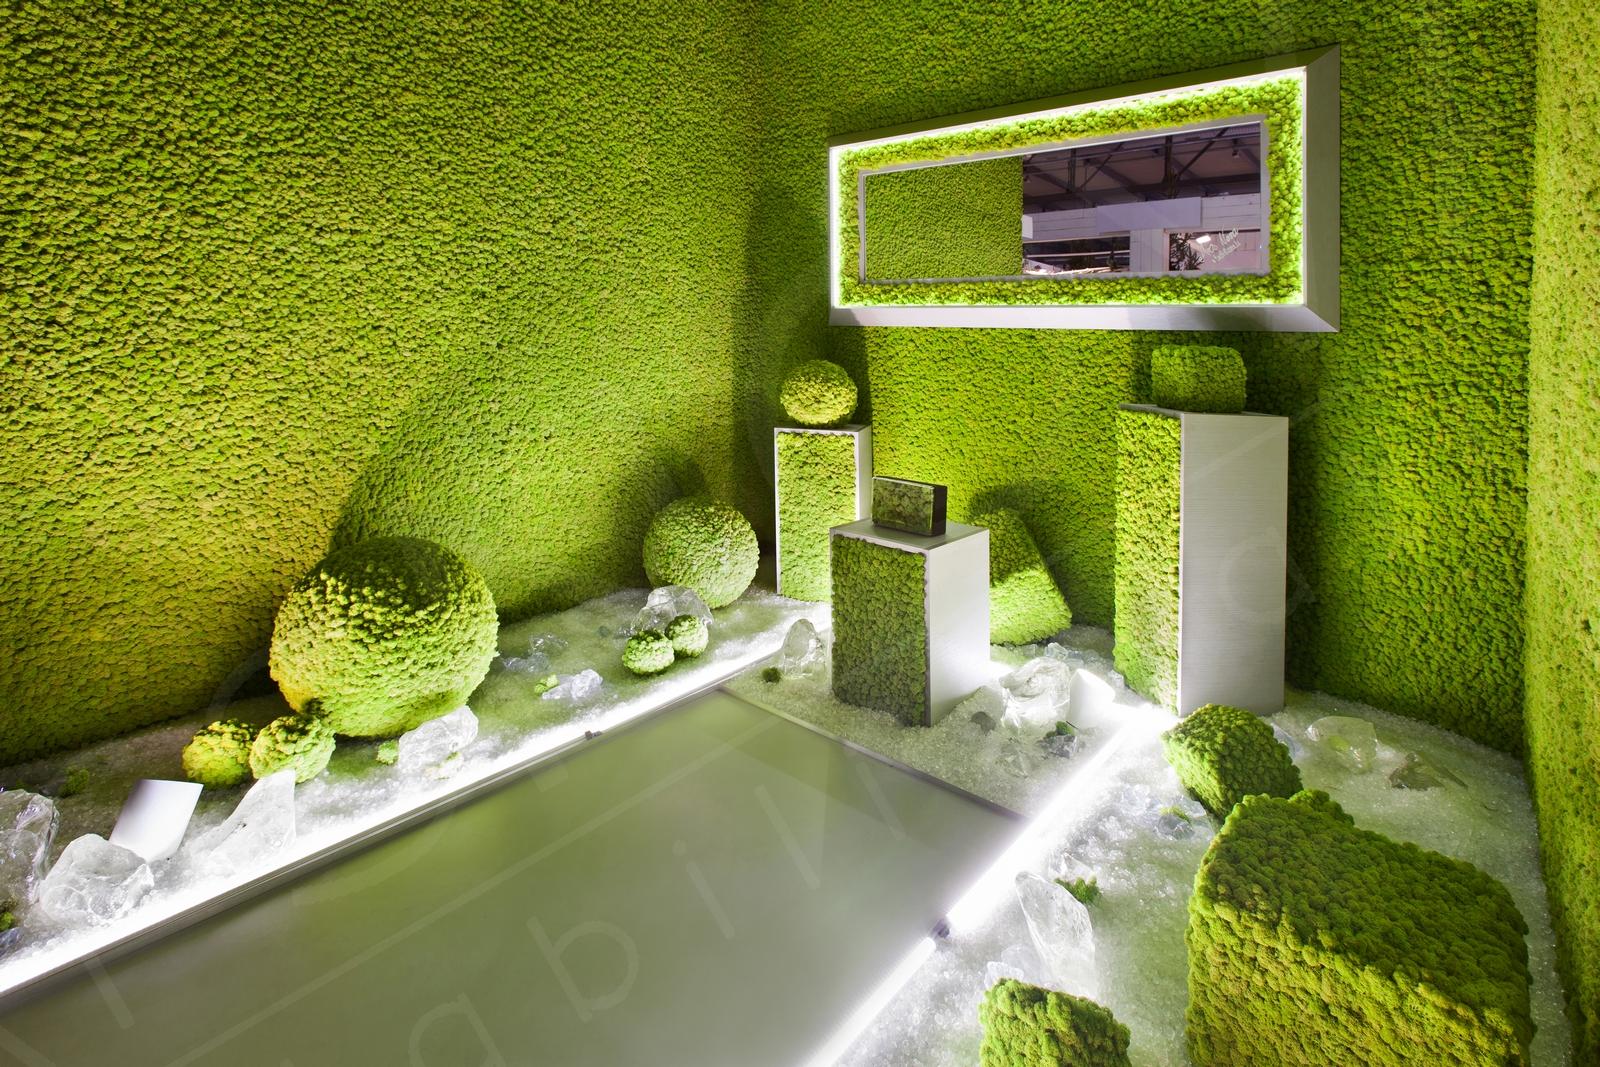 Pareti vegetali modulari, rivestimenti decorativi con piante, muschi, e licheni stabilizzati